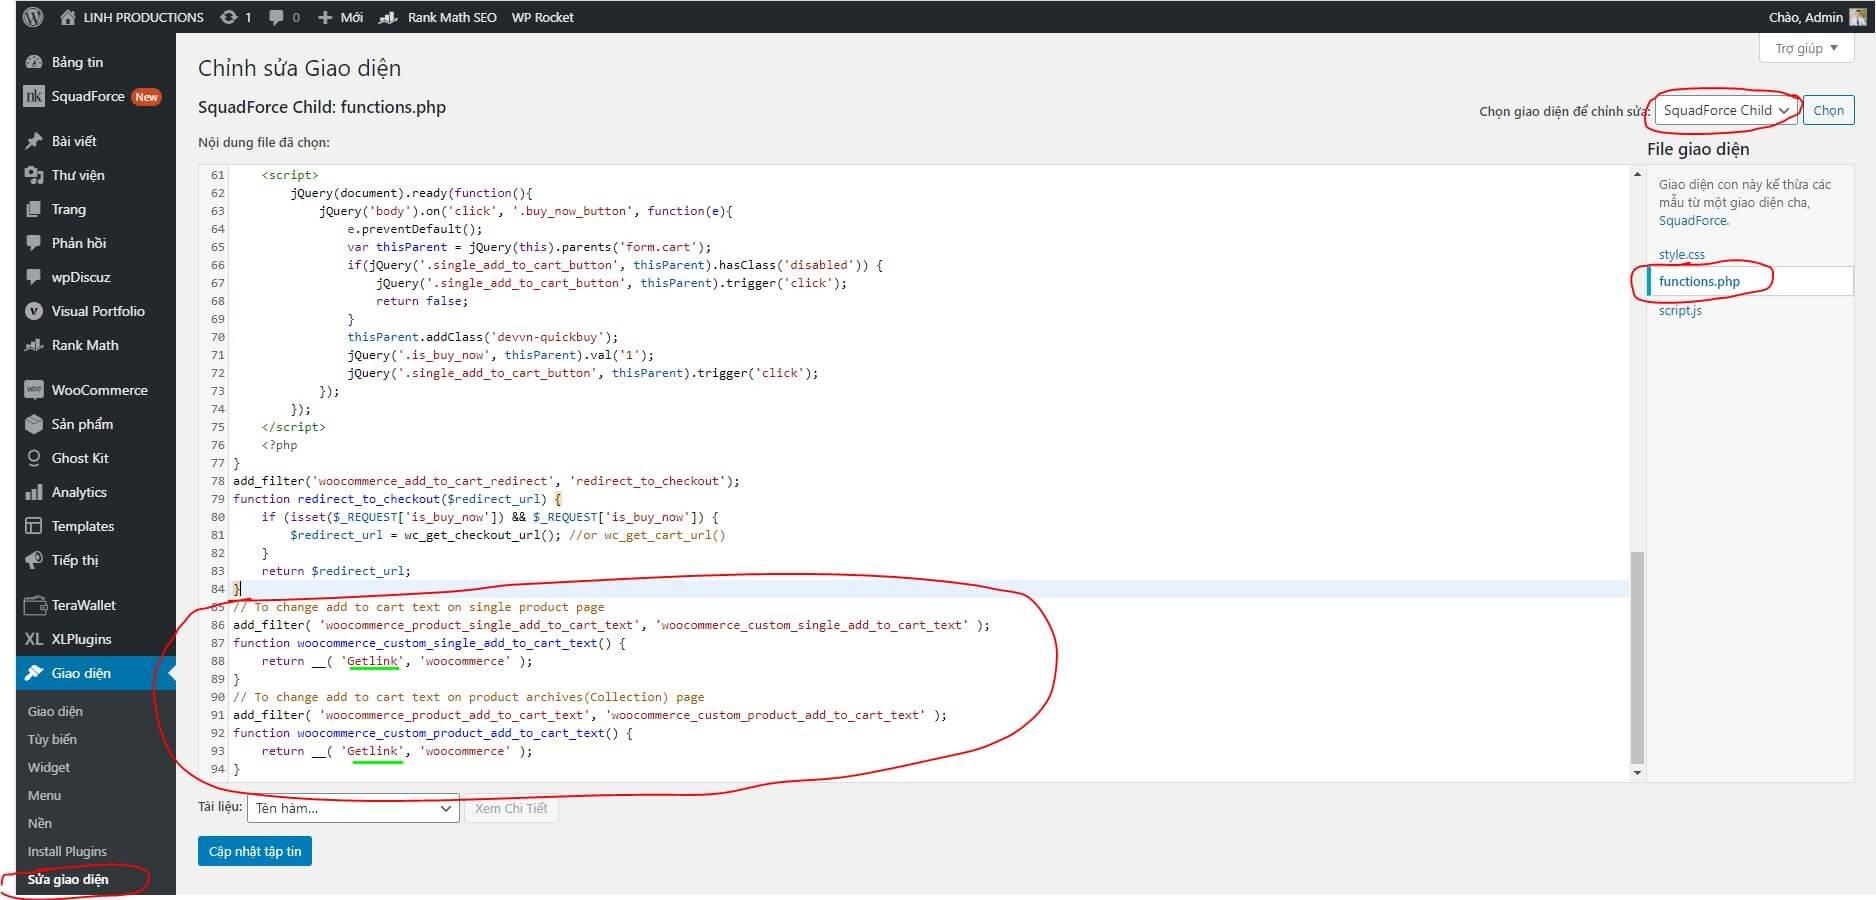 Code đổi chữ Mua Hàng trong Woocommerce